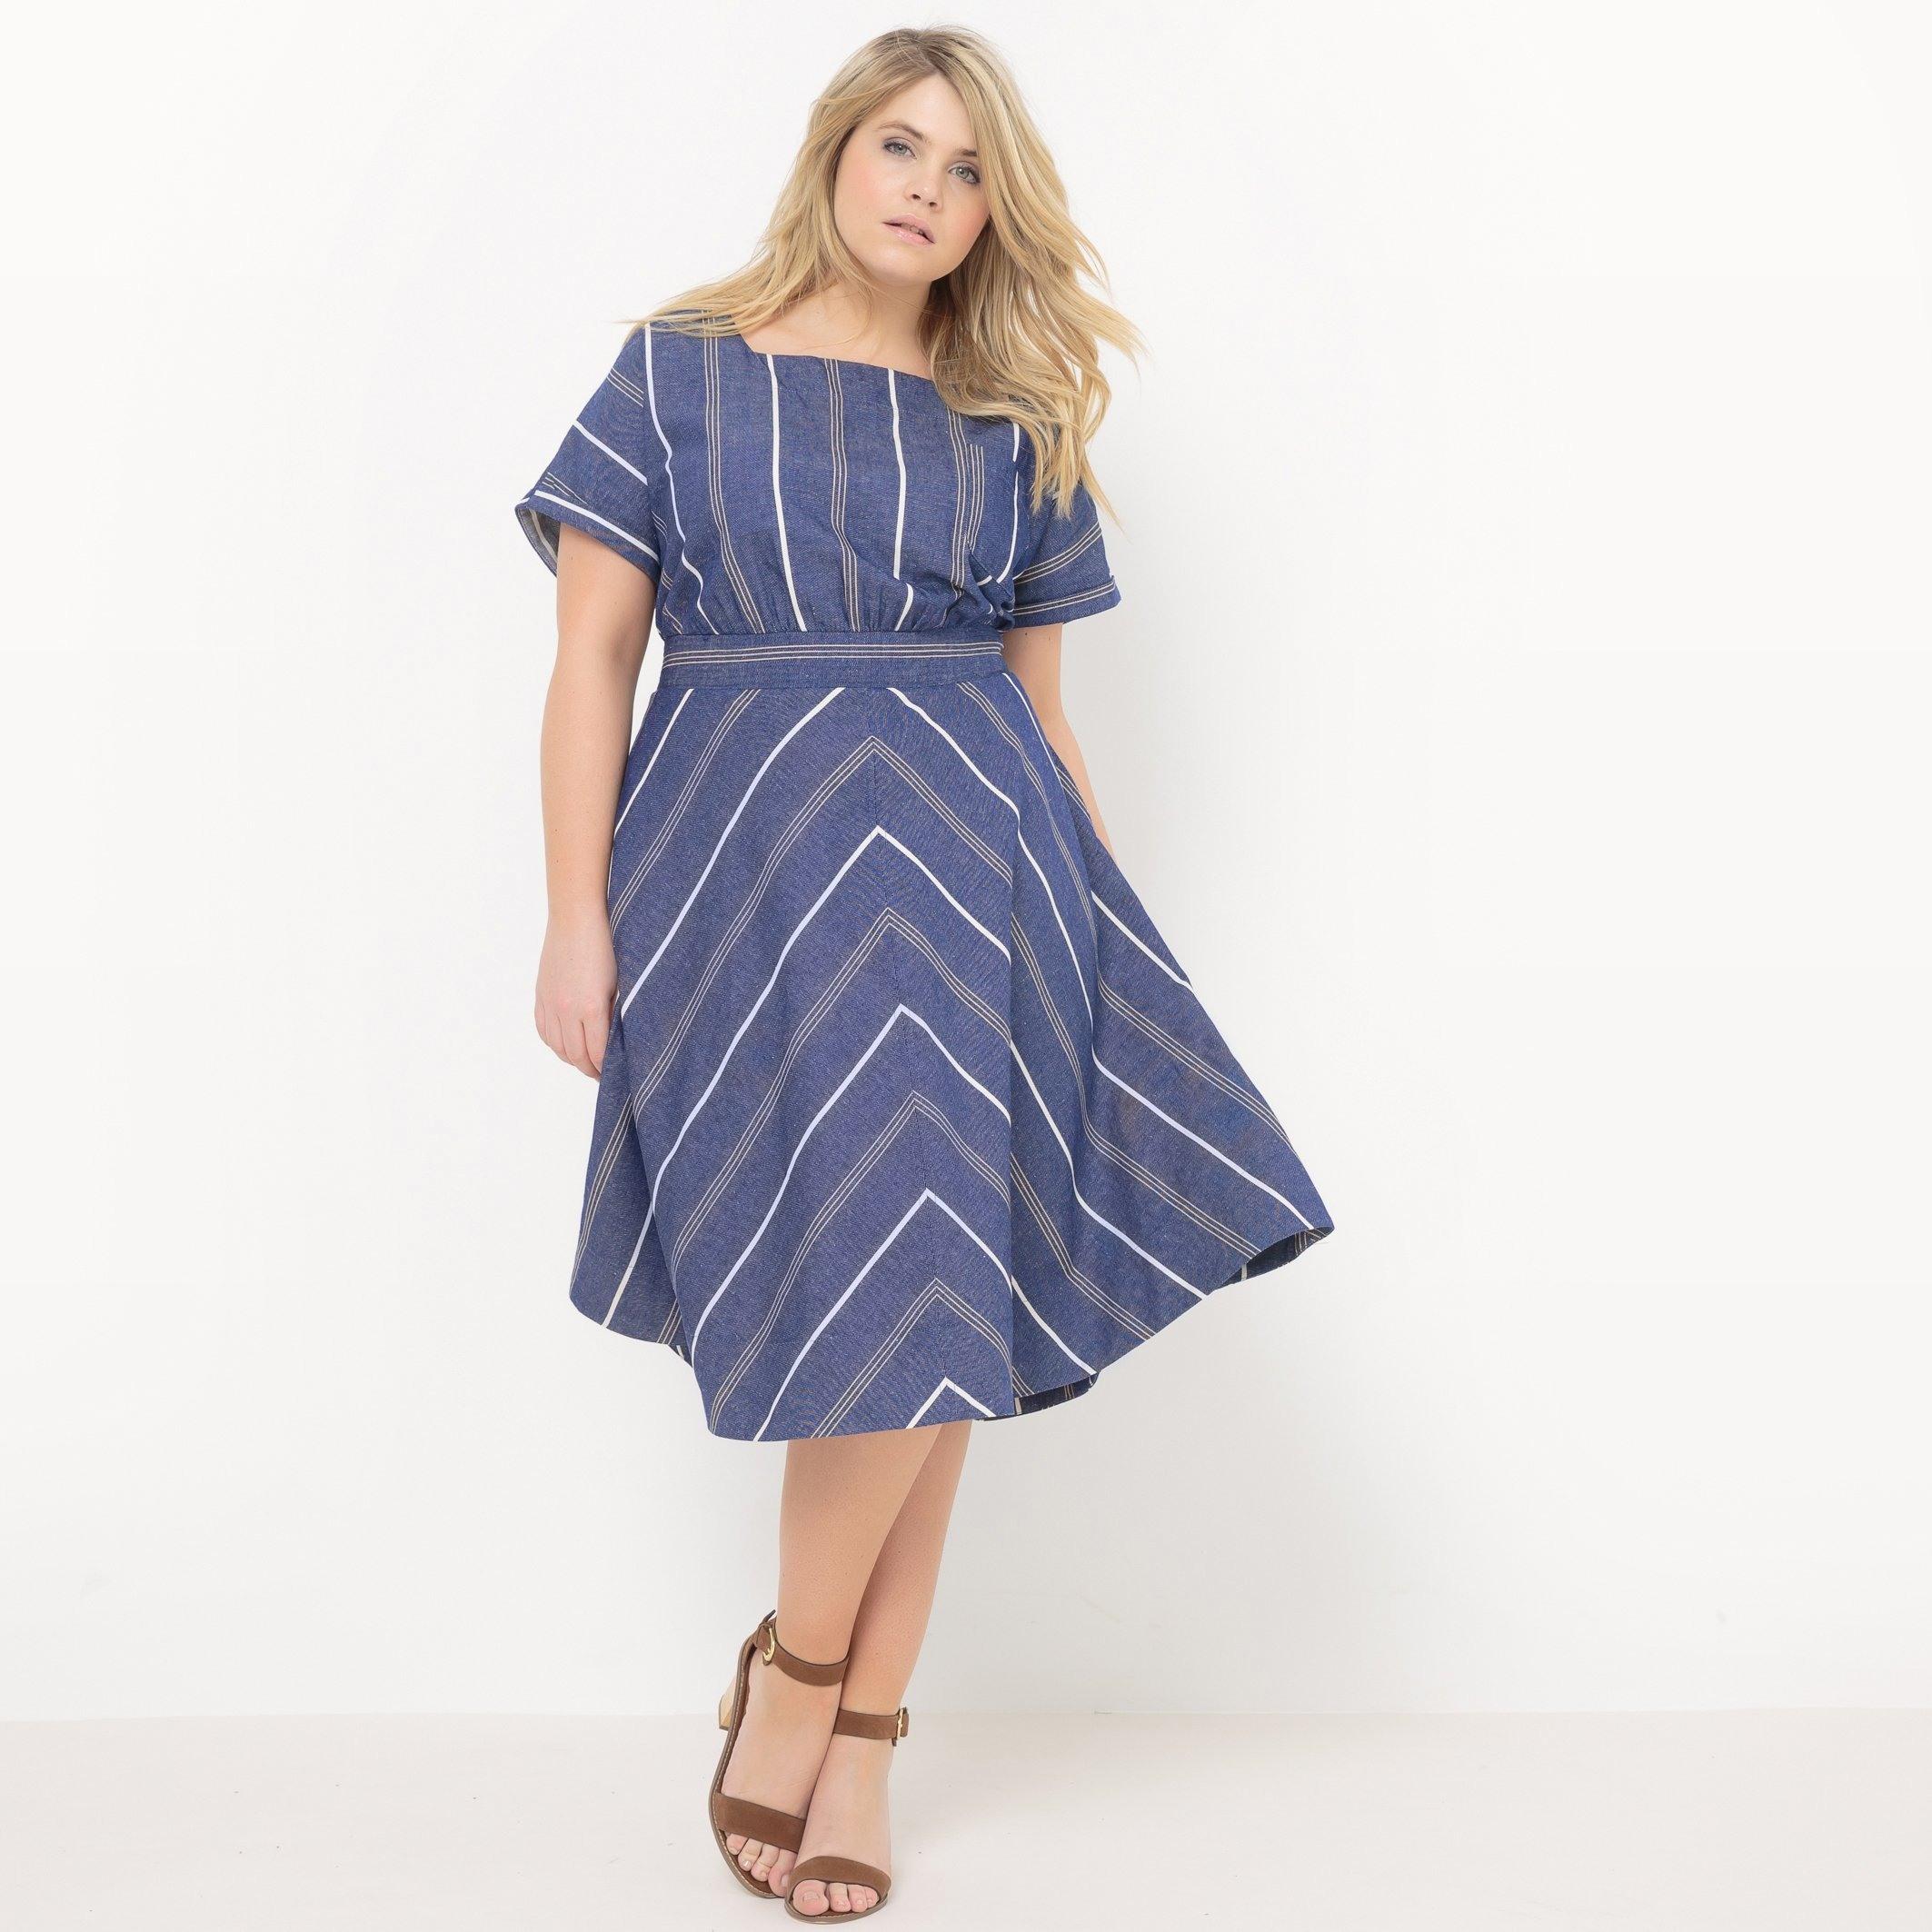 13 Erstaunlich Elegante Damen Kleider Wadenlang BoutiqueDesigner Genial Elegante Damen Kleider Wadenlang Ärmel